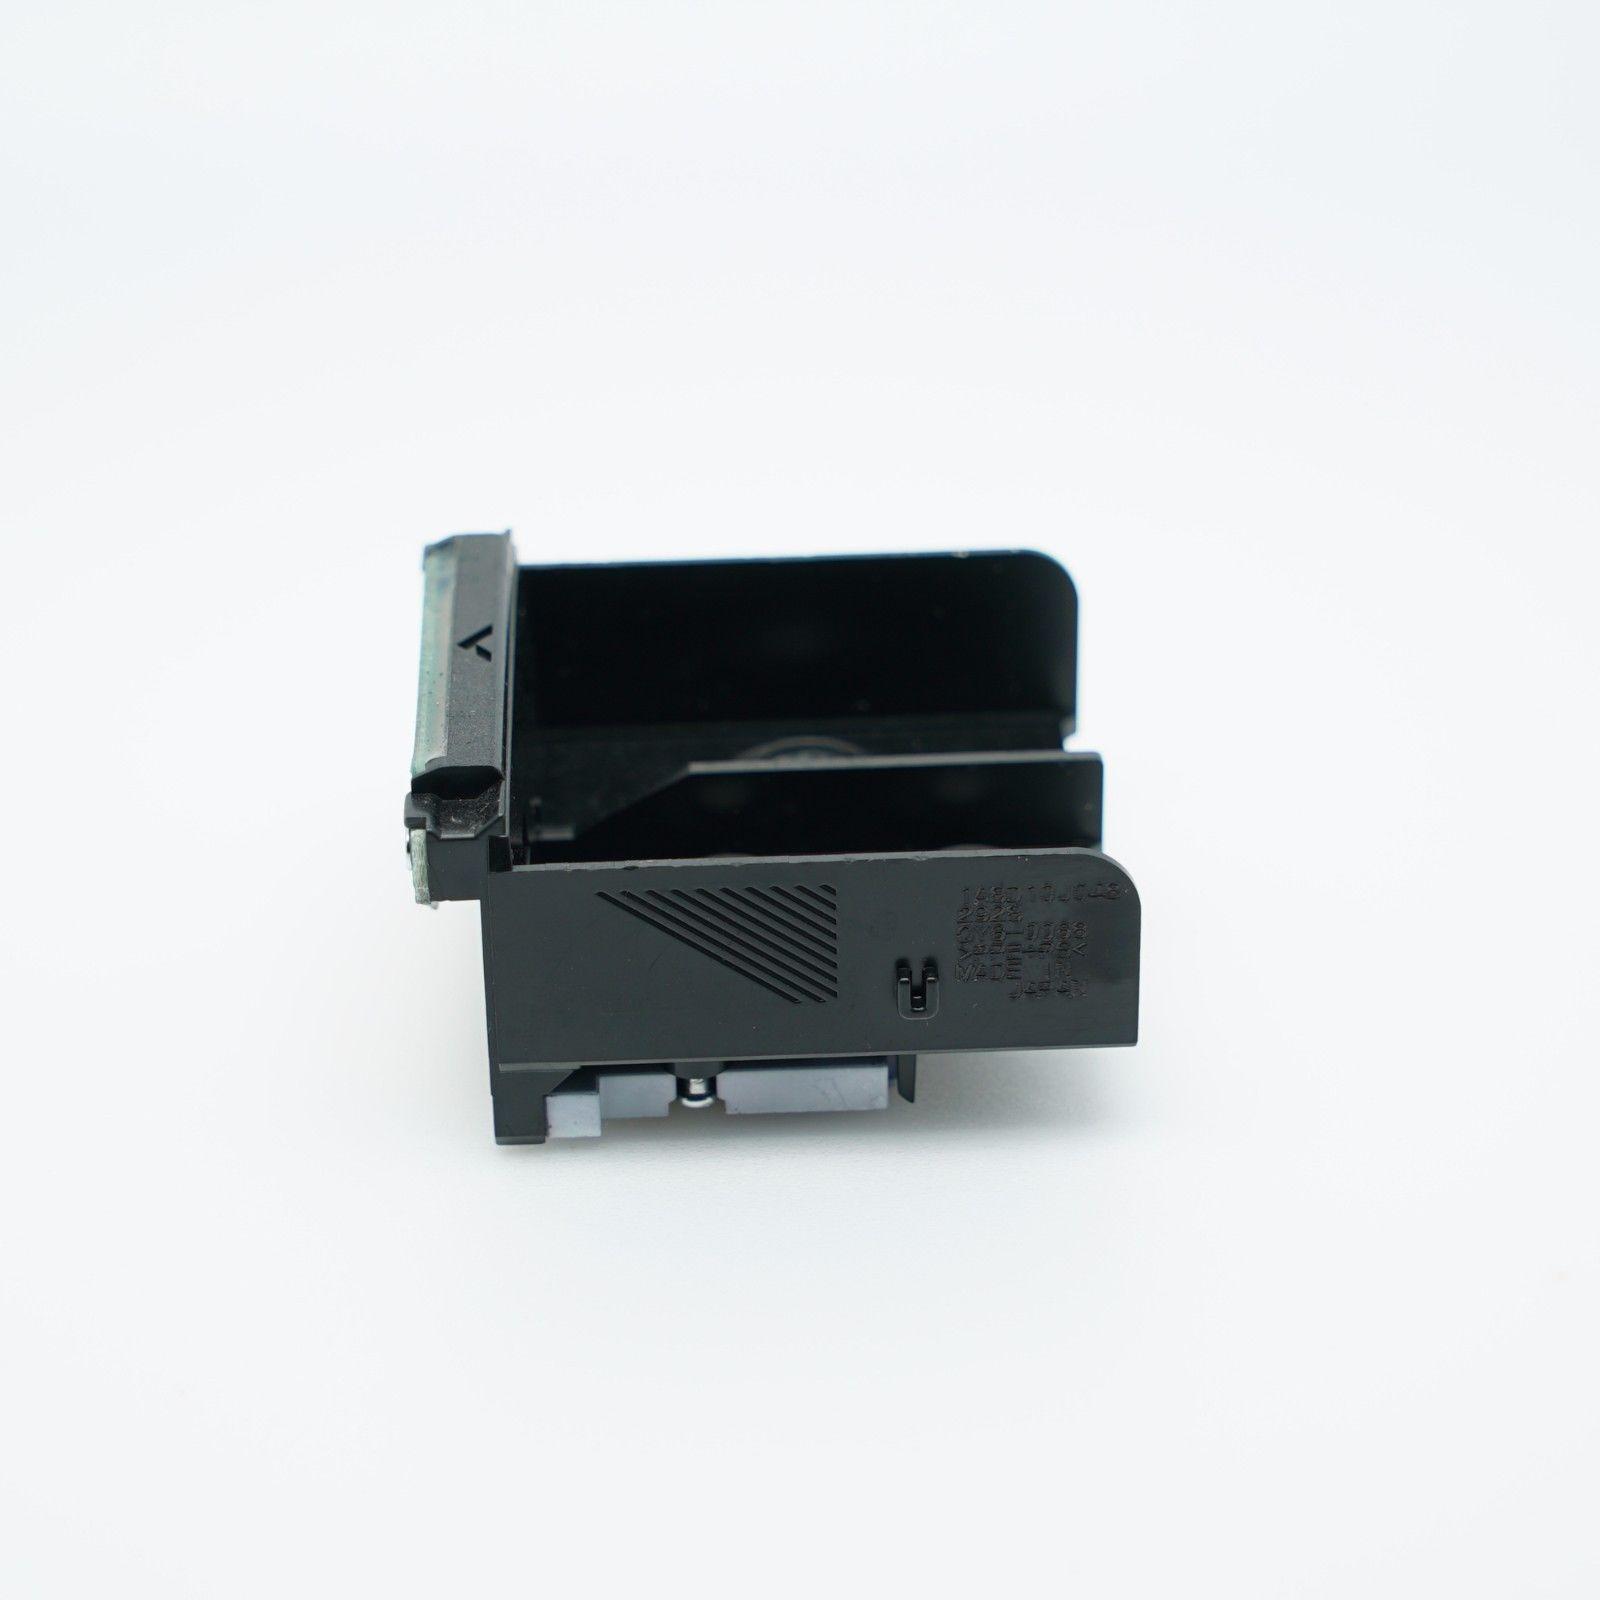 QY6 0068 QY6 0068 000 Druckkopf Druckkopf FÜR CANON PIXMA iP100 iP110-in Drucker-Teile aus Computer und Büro bei AliExpress - 11.11_Doppel-11Tag der Singles 1